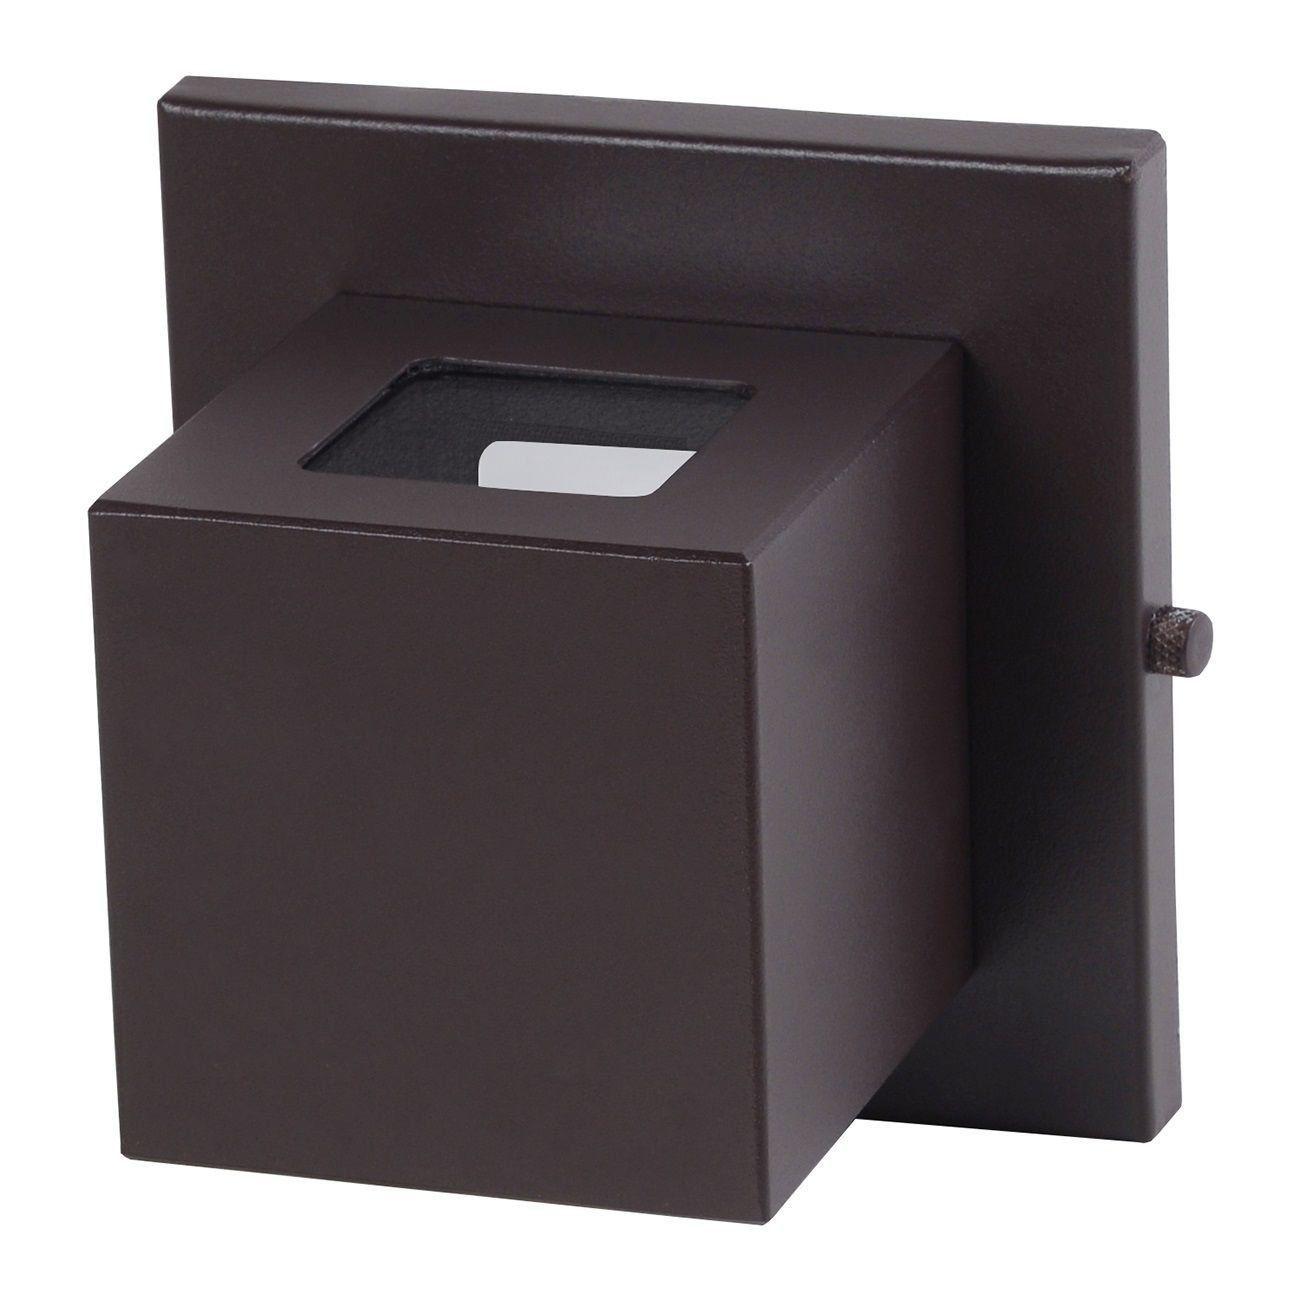 Arandela Box 2 Focos Luminária Externa Interna Muro Parede Alumínio Marrom - Rei da Iluminação